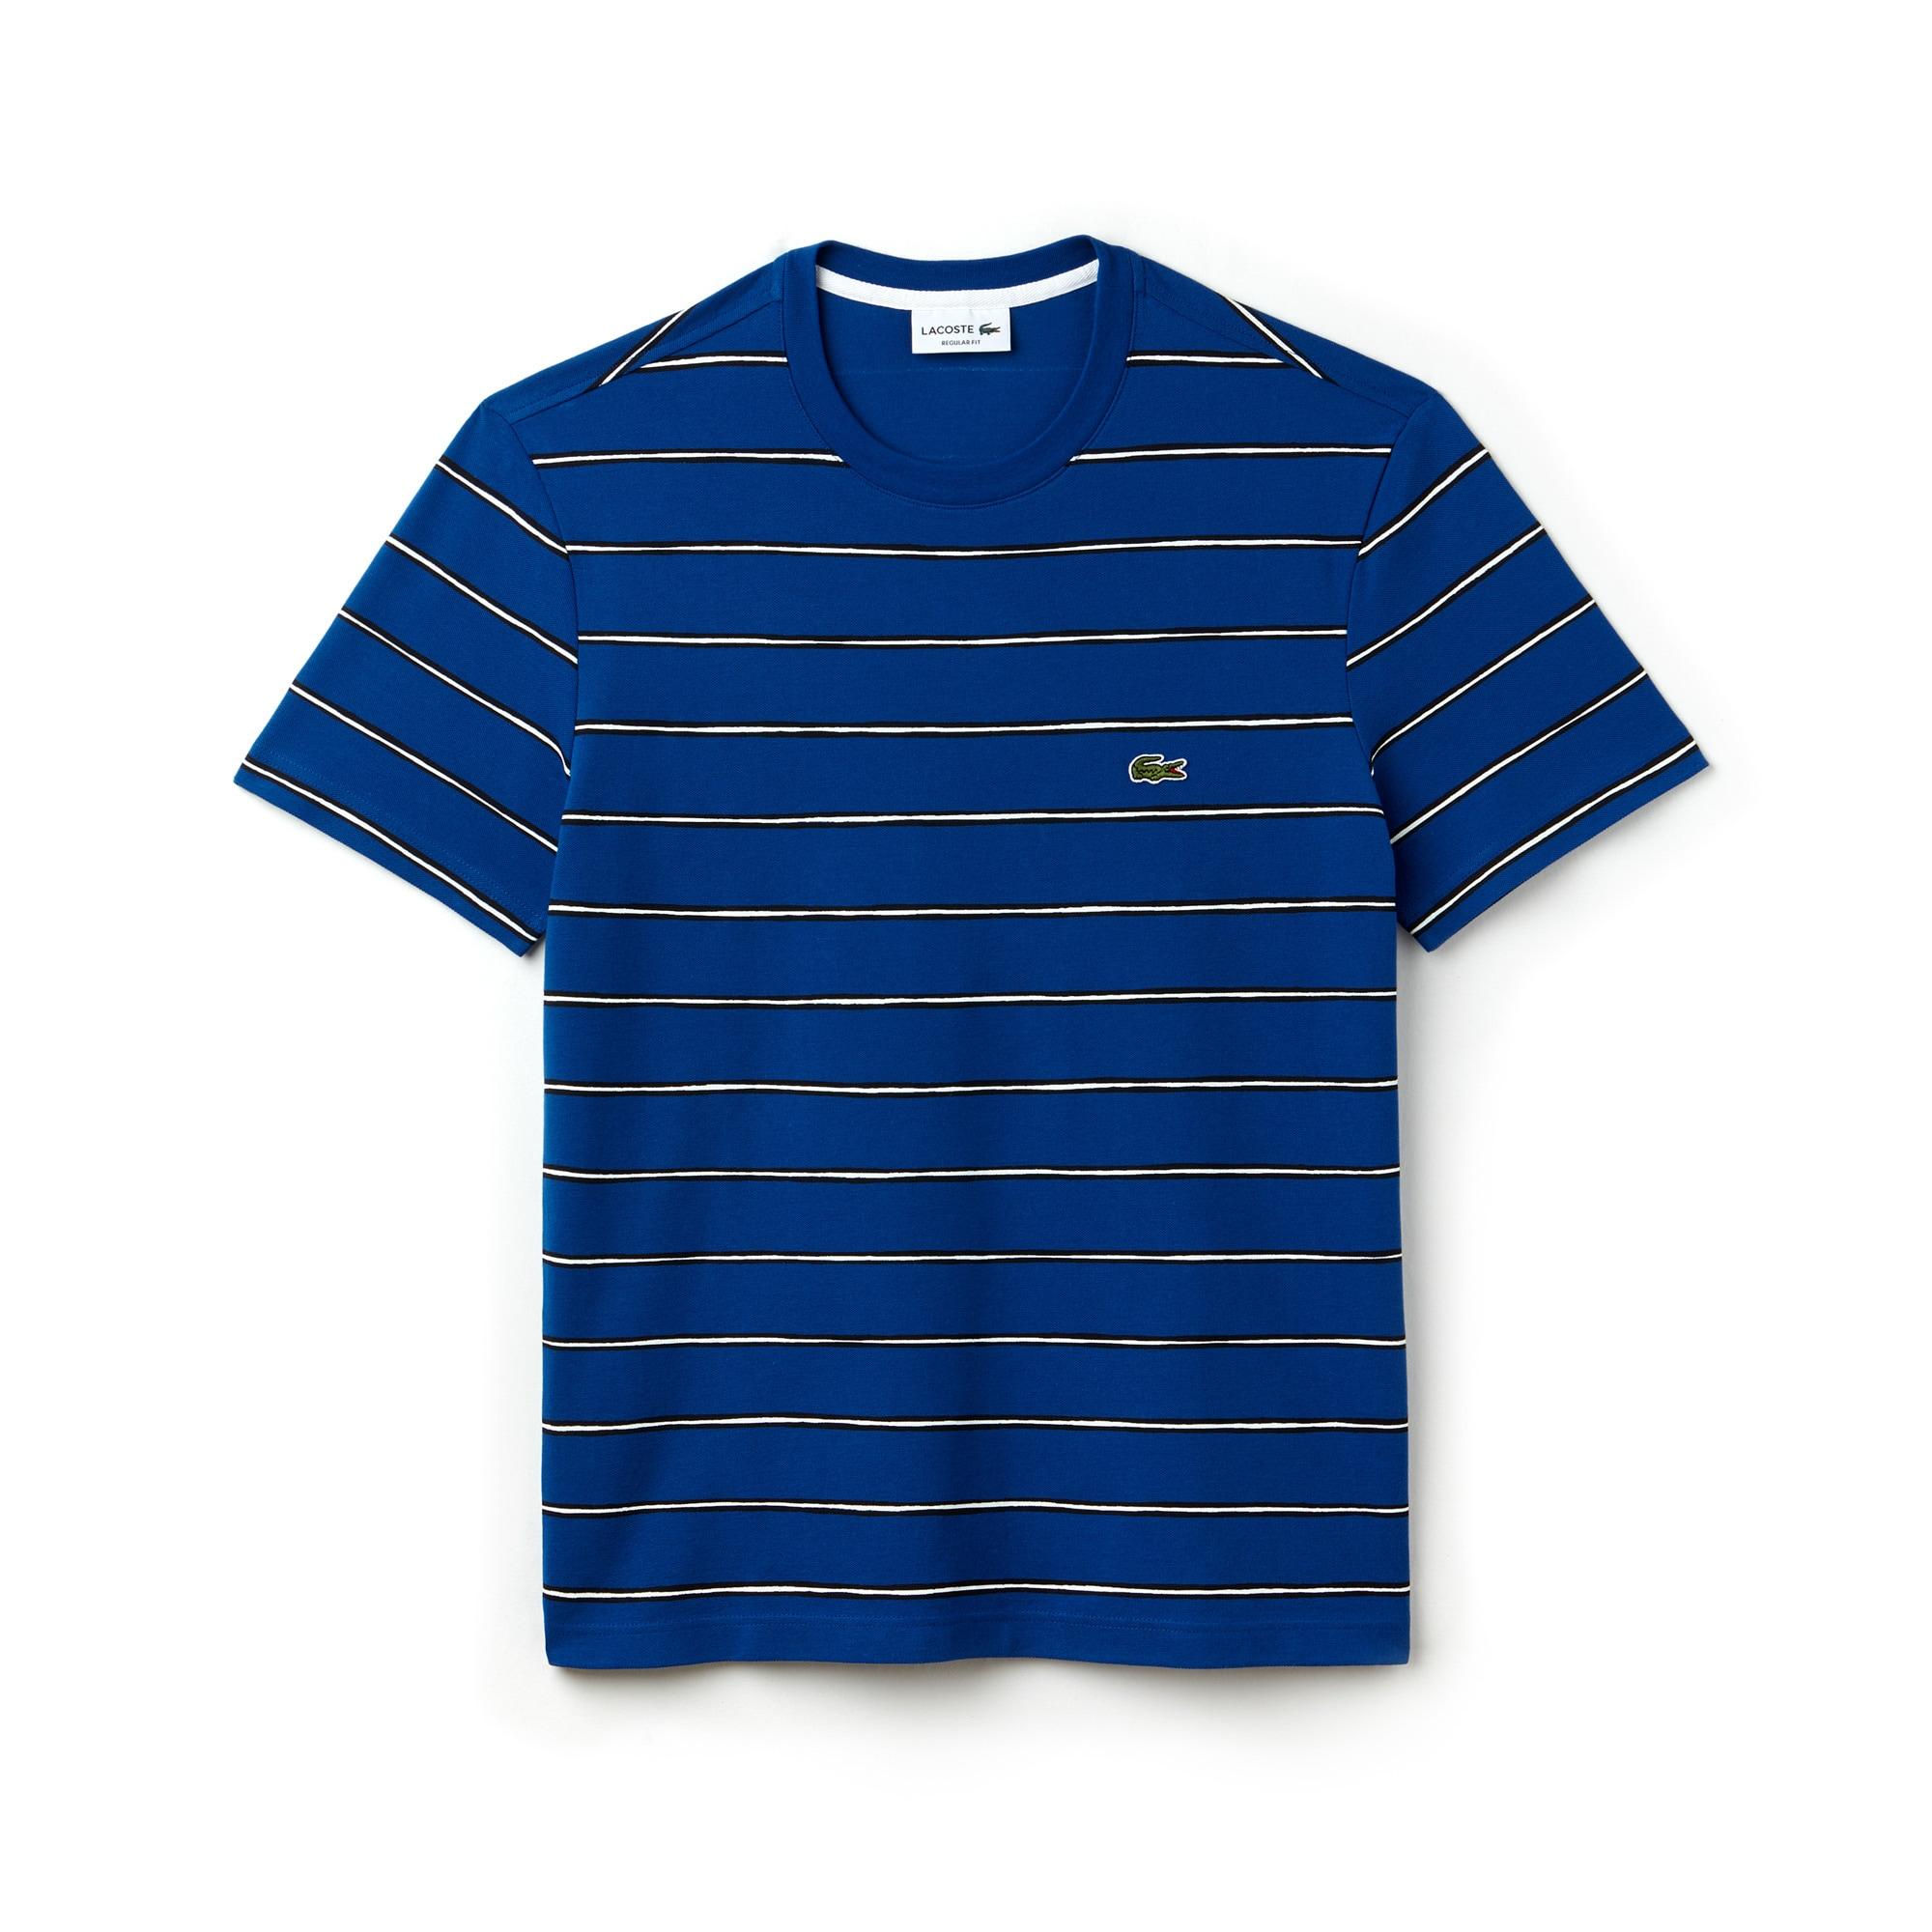 T-shirt a girocollo in mini piqué di cotone stampato a righe